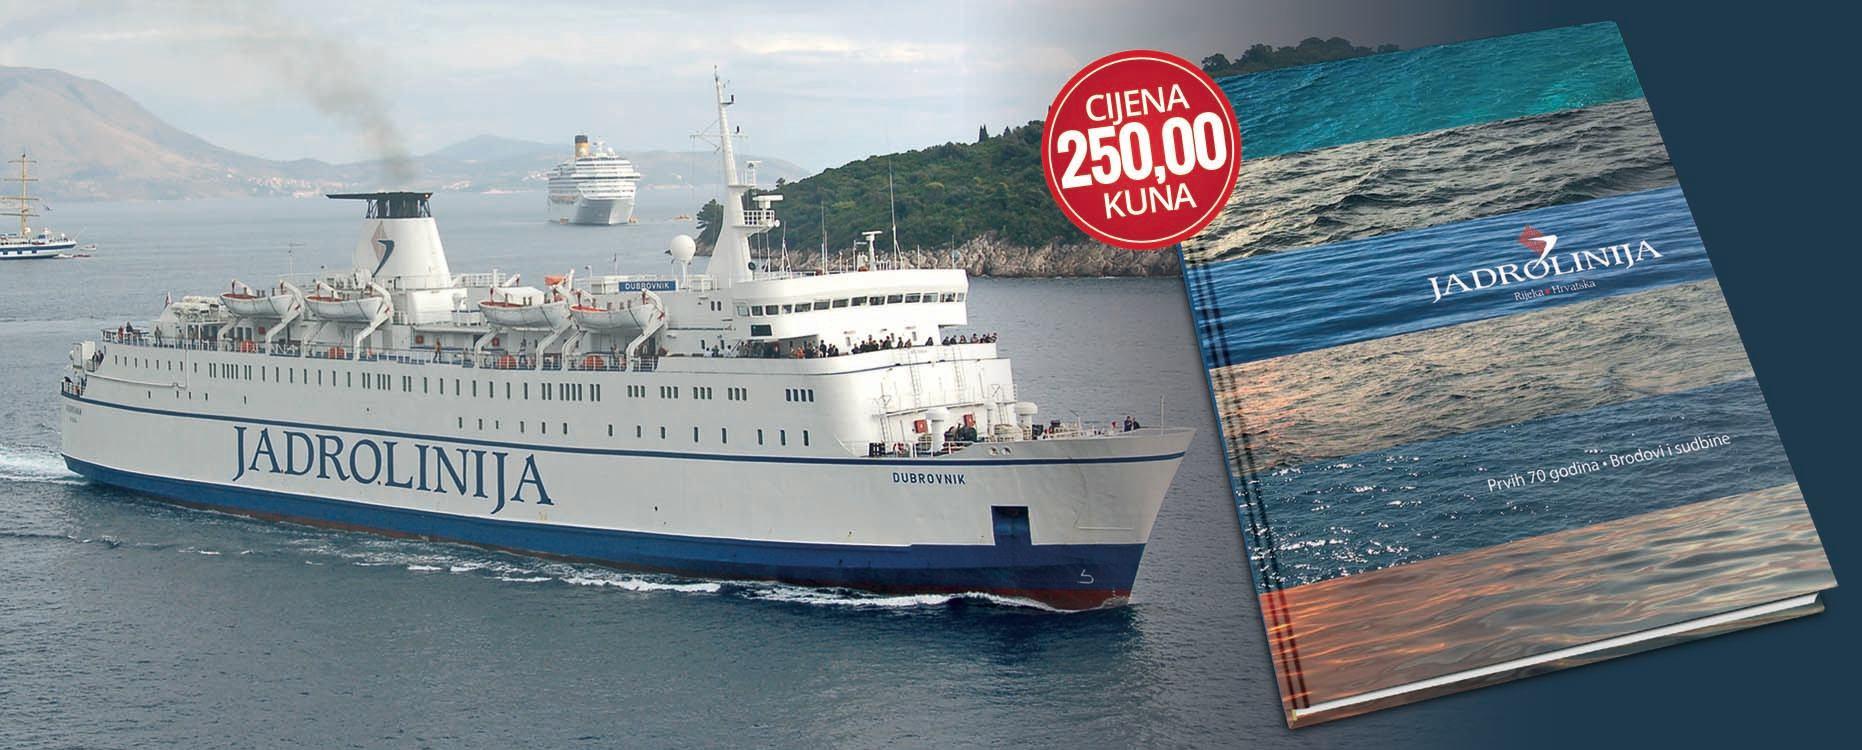 Jadrolinija: Prvih 70 godina – brodovi i sudbine